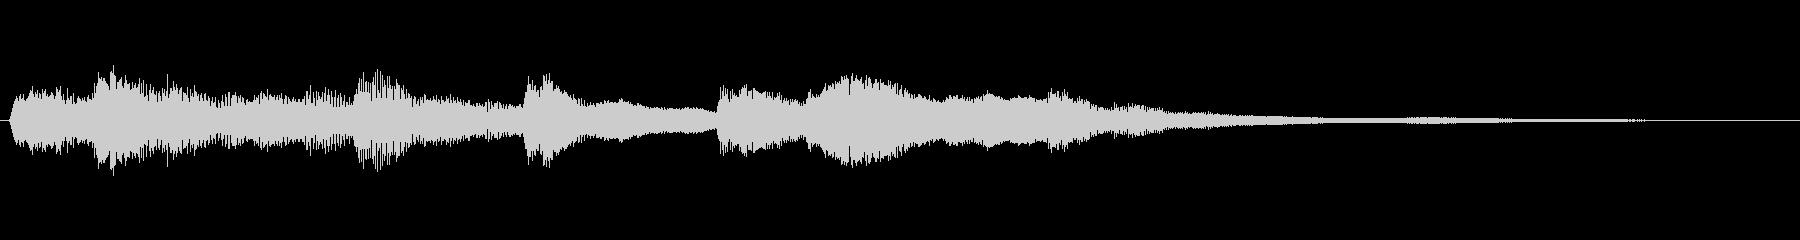 やさしい雰囲気のピアノのジングルの未再生の波形